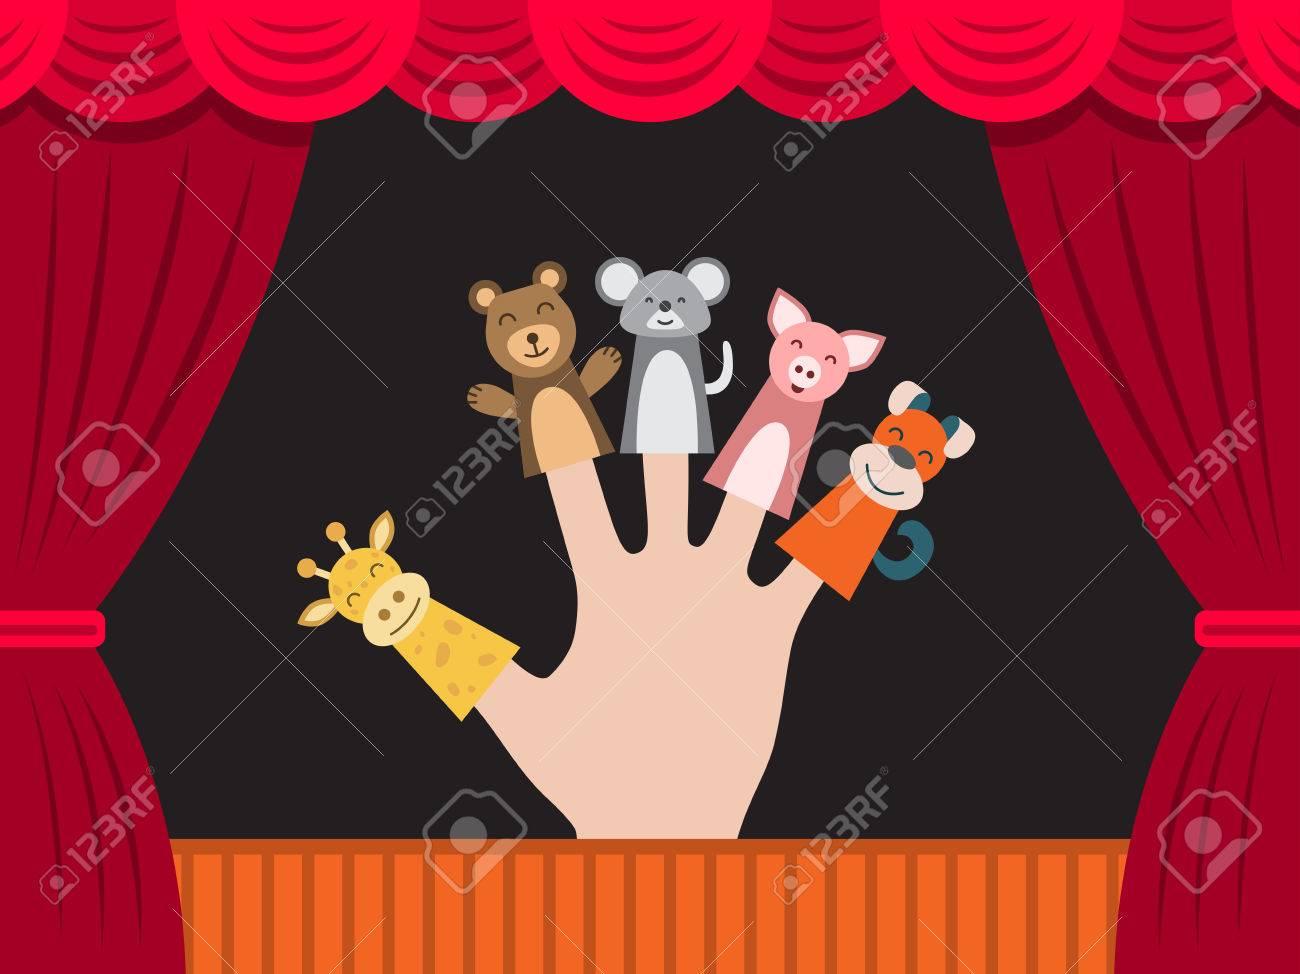 Teatro Para AnimalesLa Llevando En Dedos Todo Se Representa Títeres El De Juguetes Y Los Está Mano Muñeca Humana dxeCBo